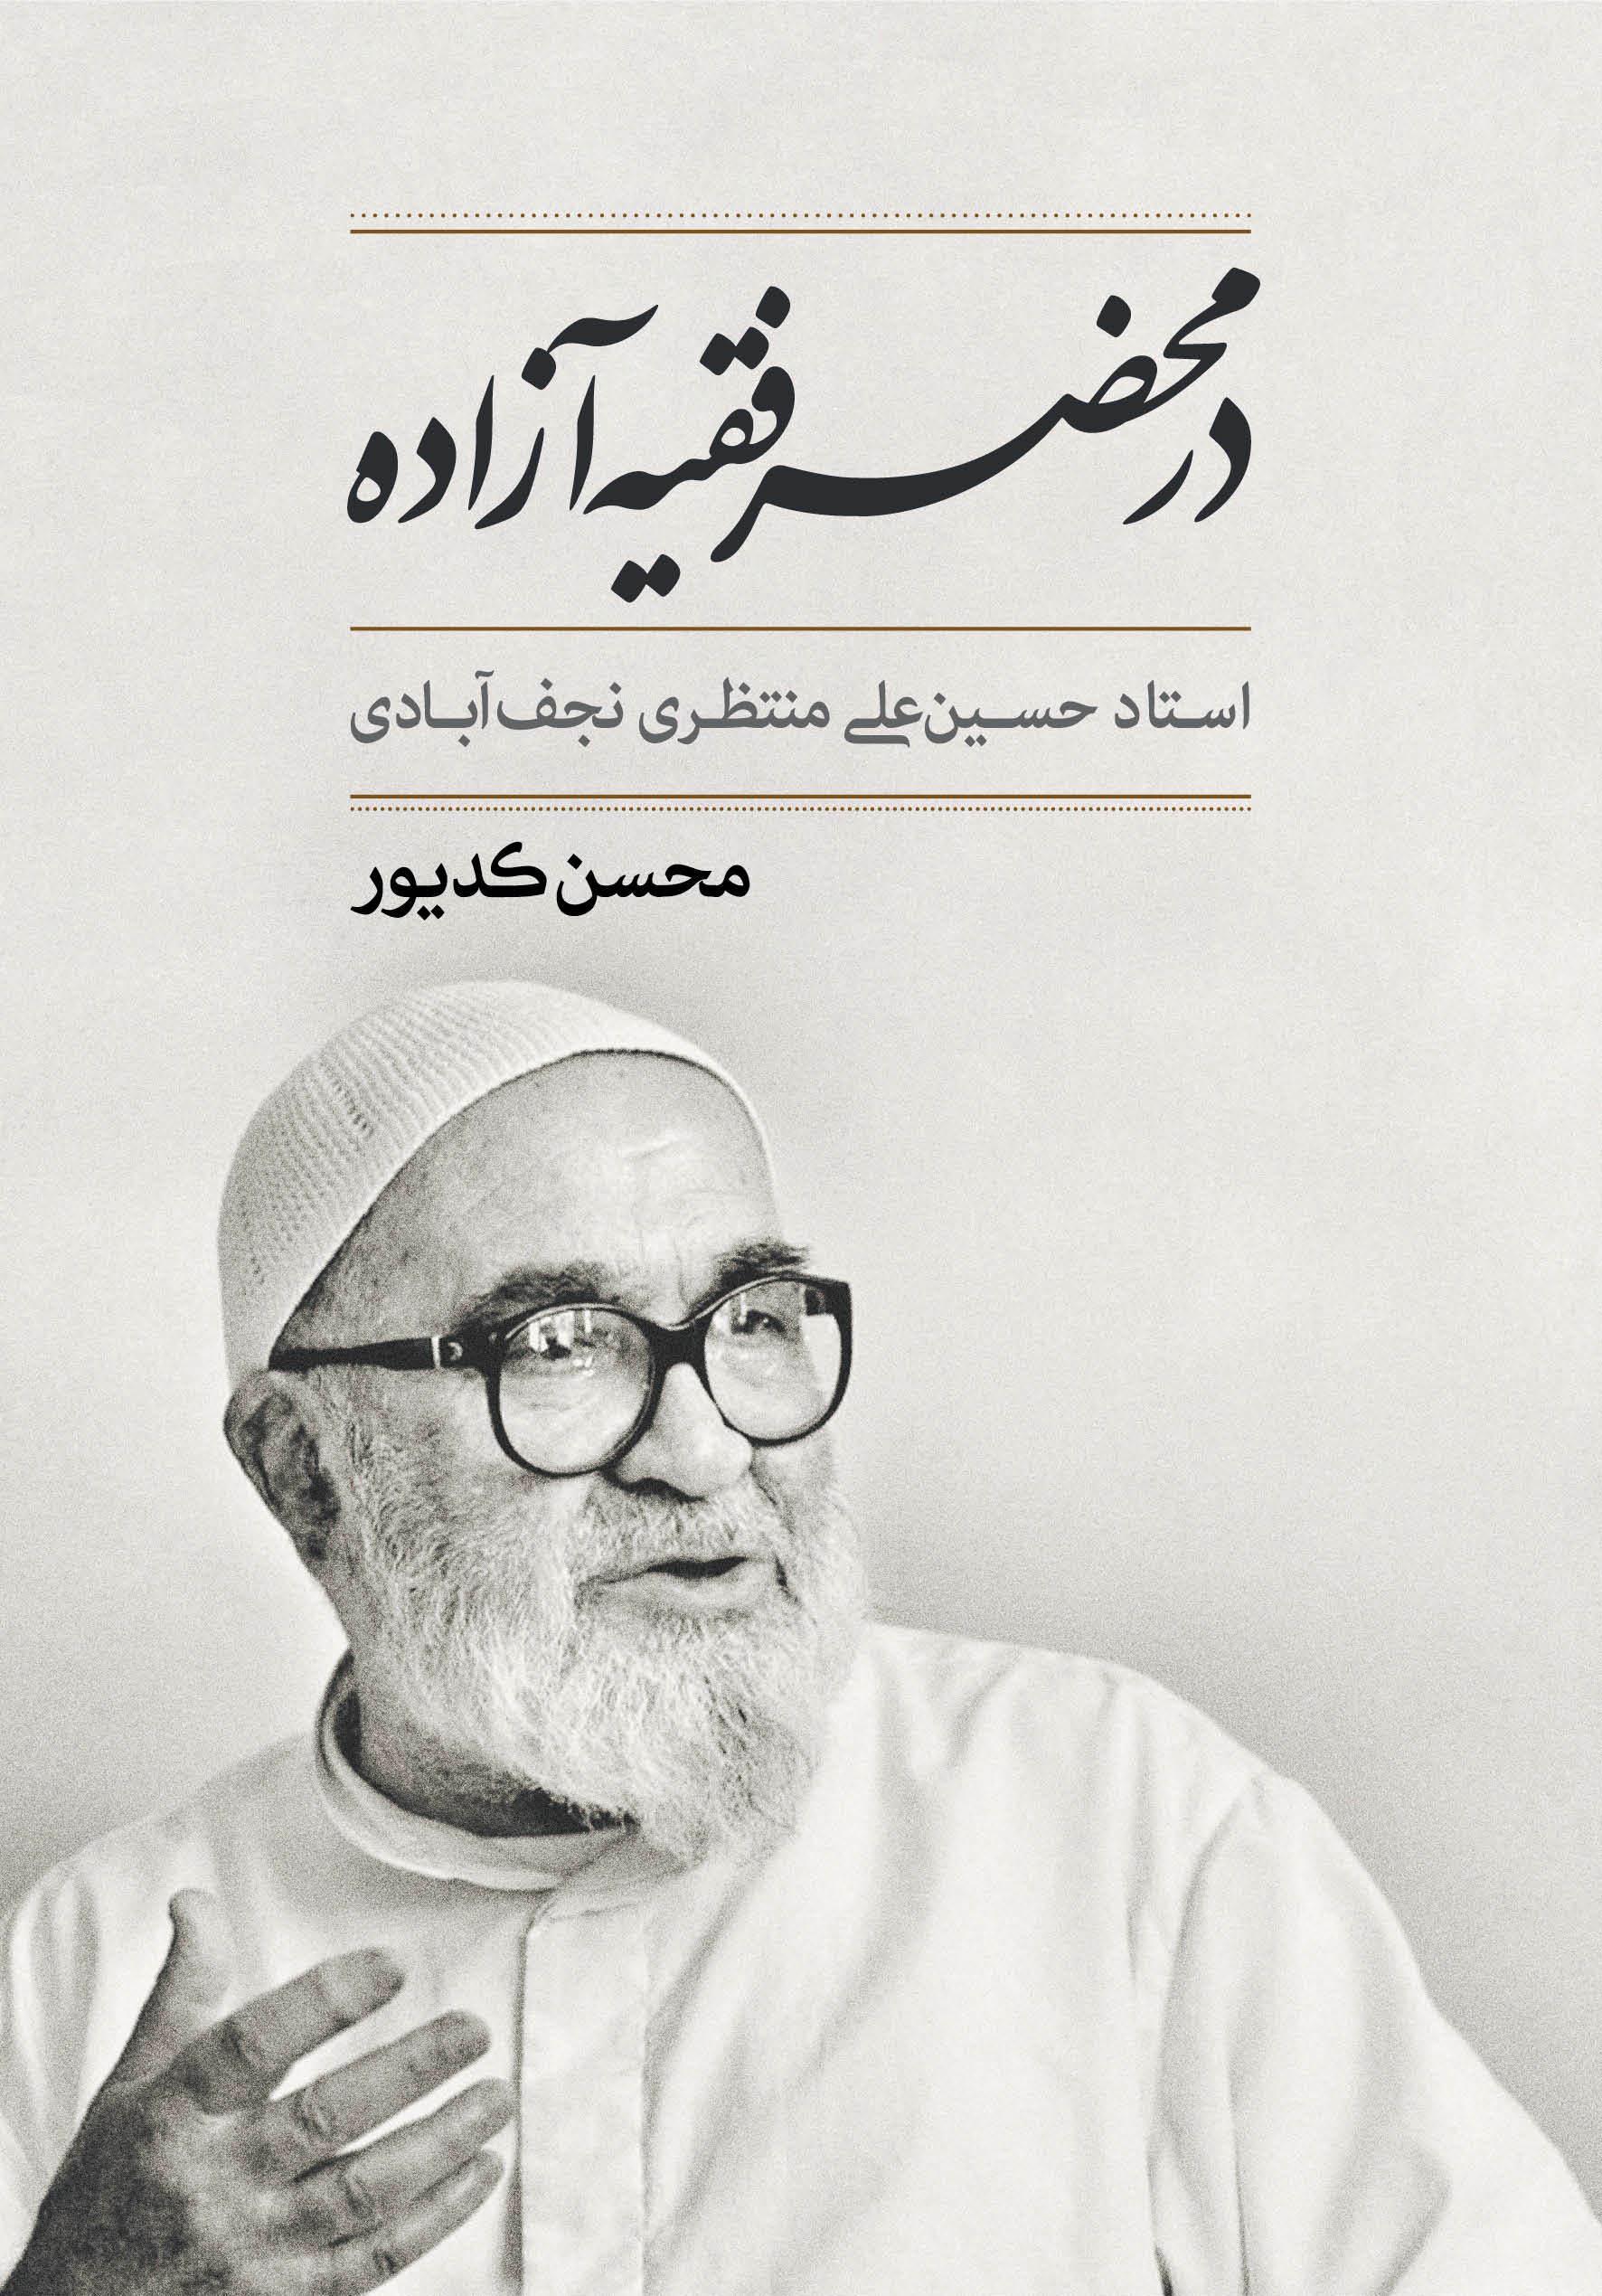 سوال و جواب سخنرانی شب قدر مسجد حسین آباد اصفهان